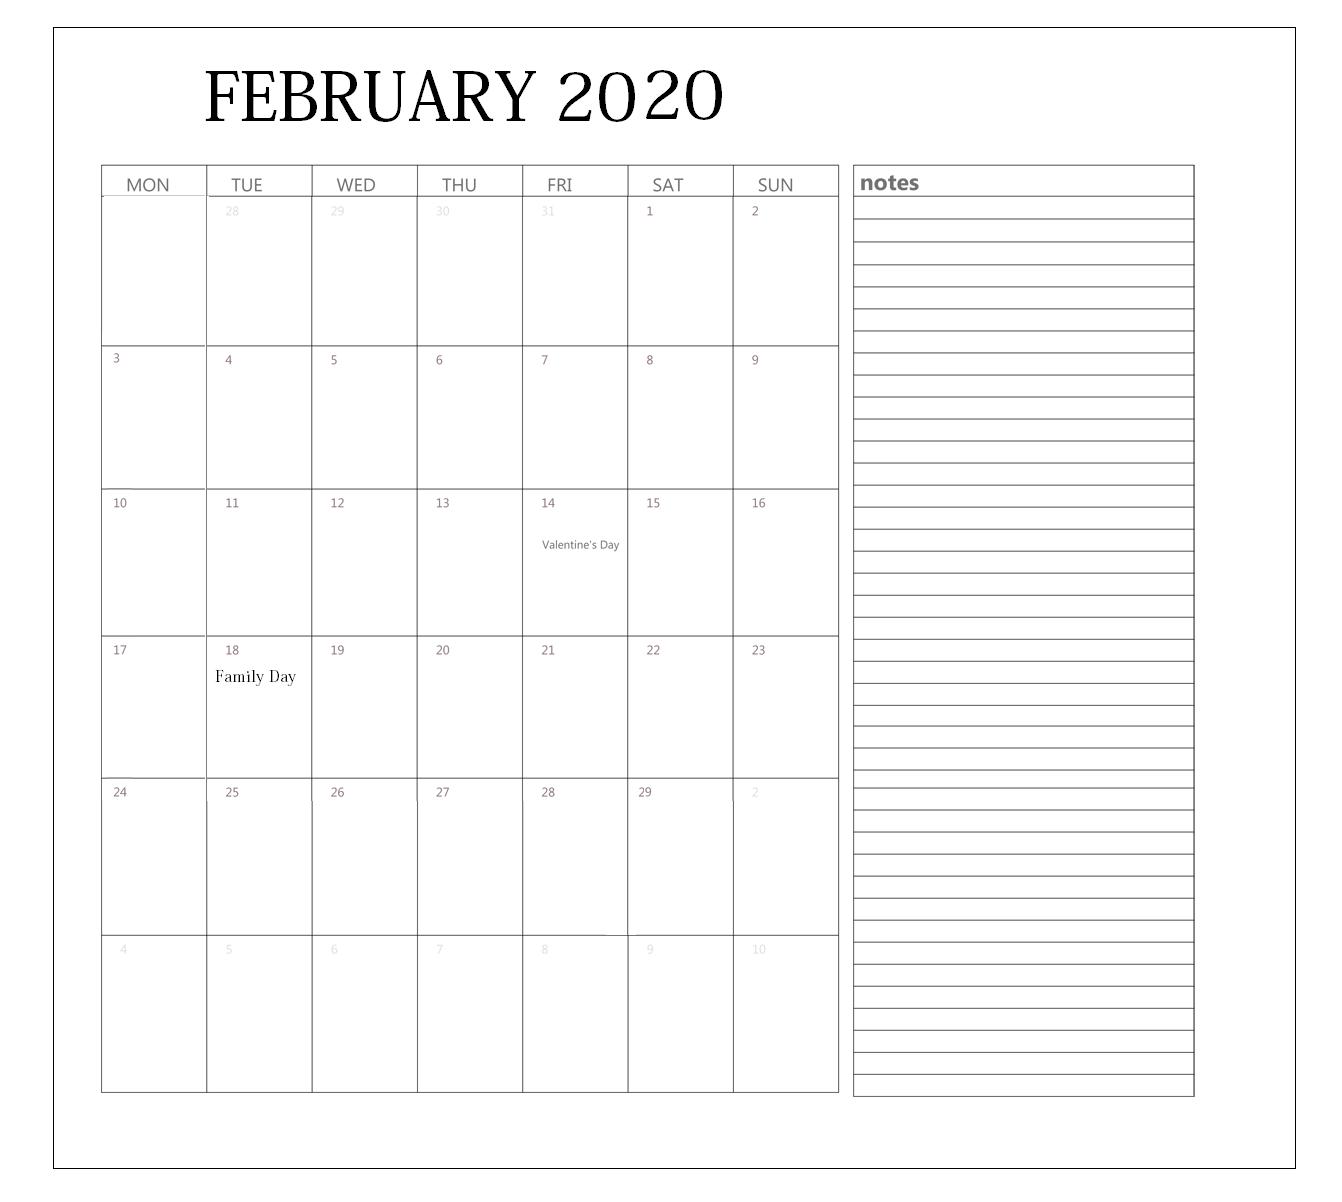 Blank February 2020 Editable Calendar